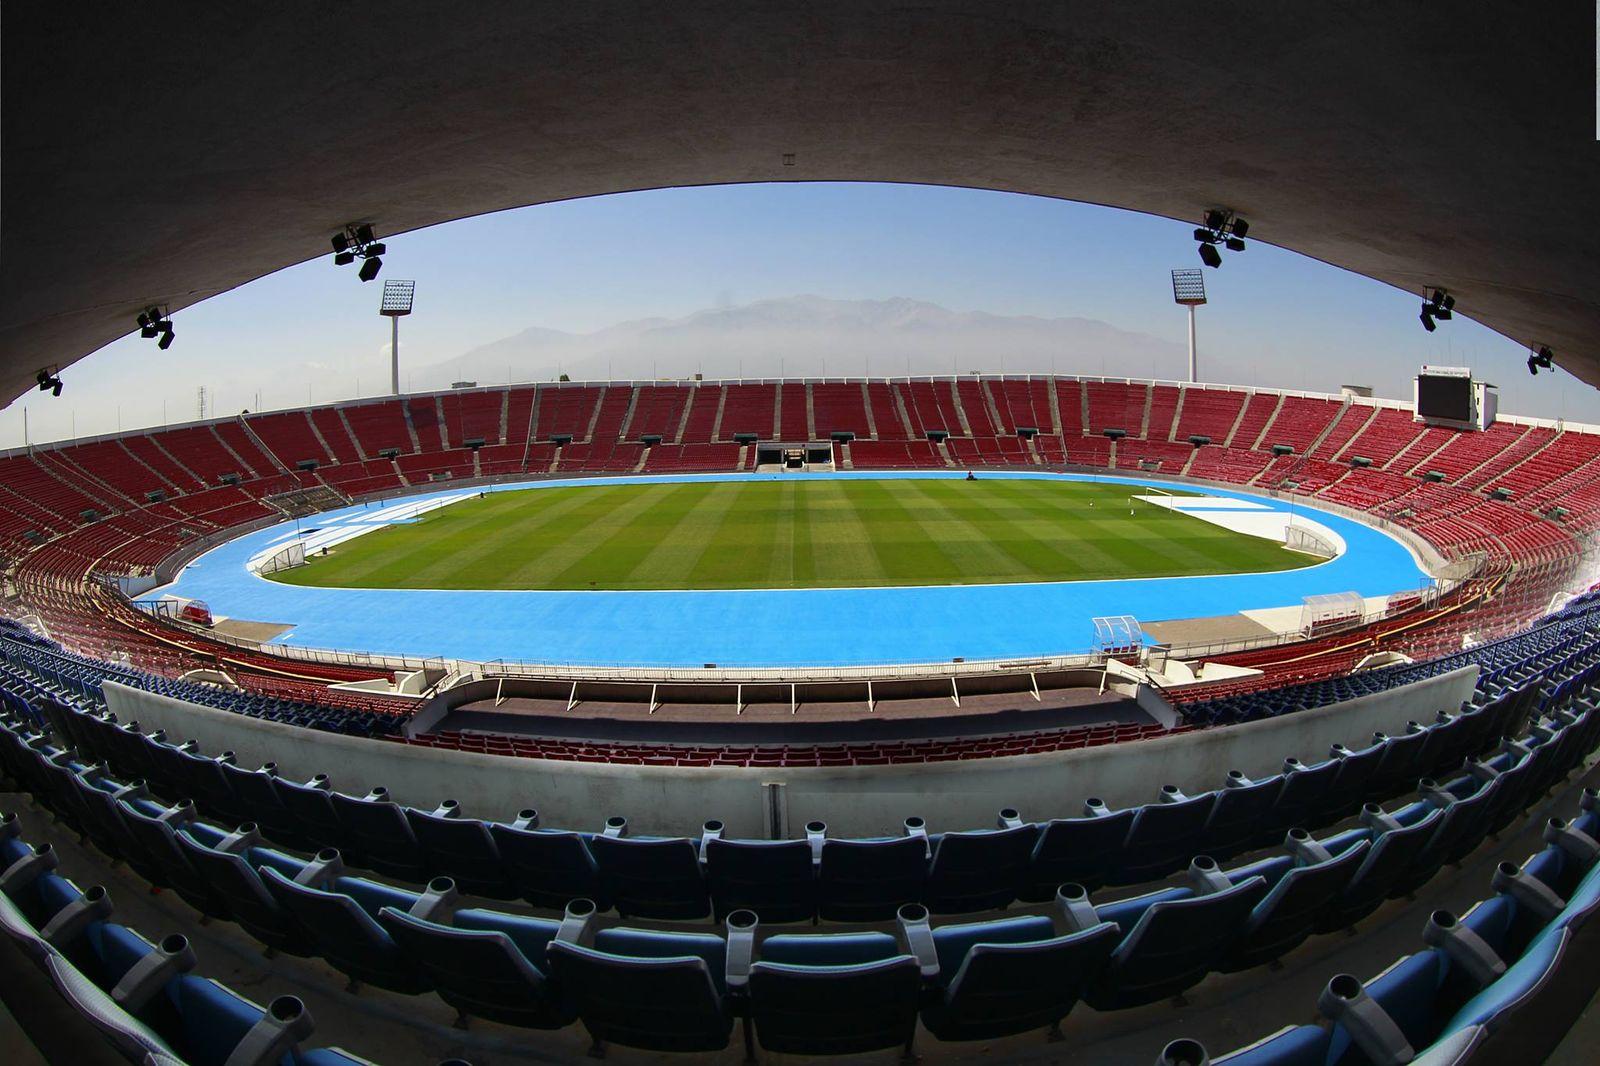 Nacional: Estadio Nacional Julio Martínez Prádanos (Estadio Nacional